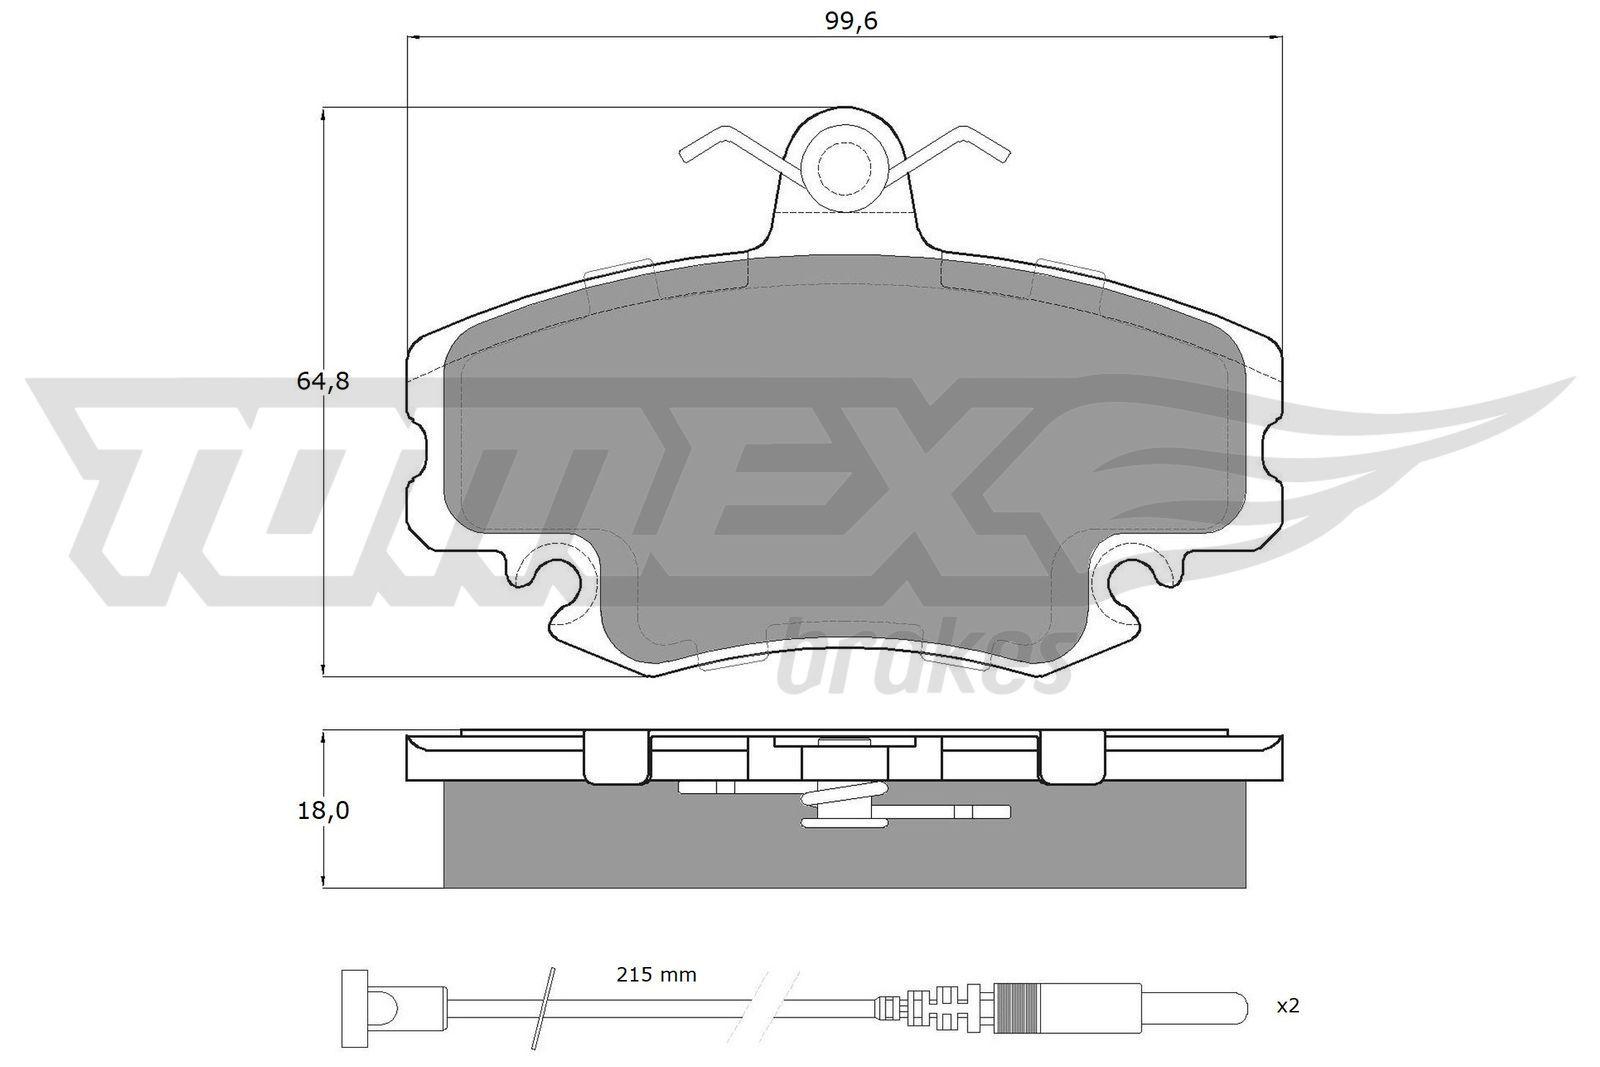 21463 TOMEX brakes Vorderachse, inkl. Verschleißwarnkontakt, mit Zubehör Höhe: 64,8mm, Breite: 99,6mm, Dicke/Stärke: 18mm Bremsbelagsatz, Scheibenbremse TX 11-78 günstig kaufen